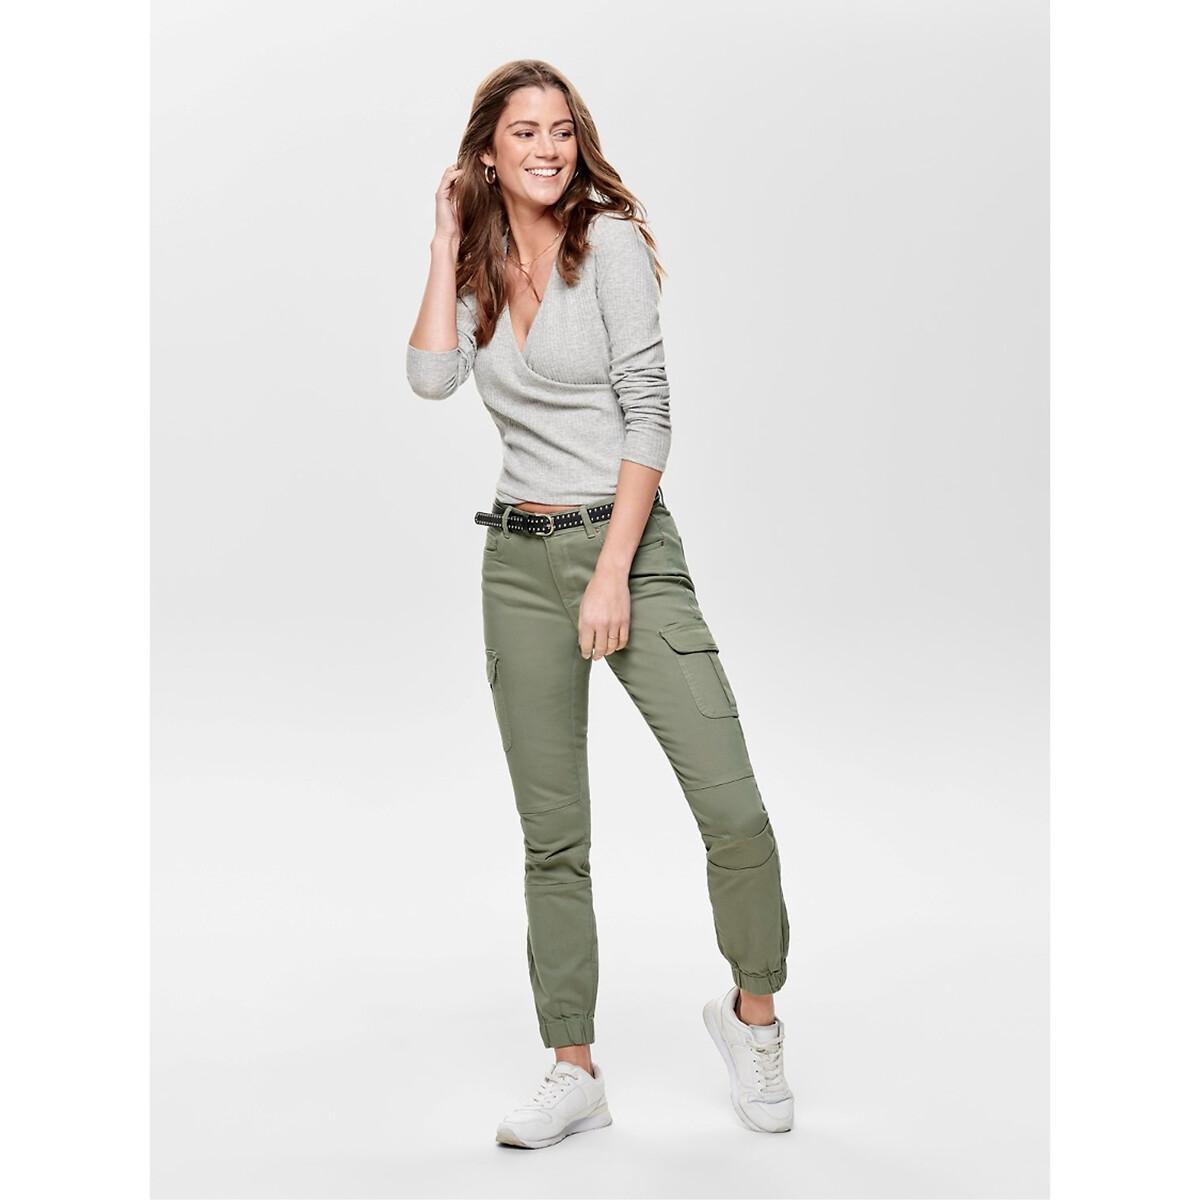 Брюки-карго La Redoute Узкие длина 38 (FR) - 44 (RUS) зеленый джинсы la redoute узкие для периода беременности 36 fr 42 rus серый